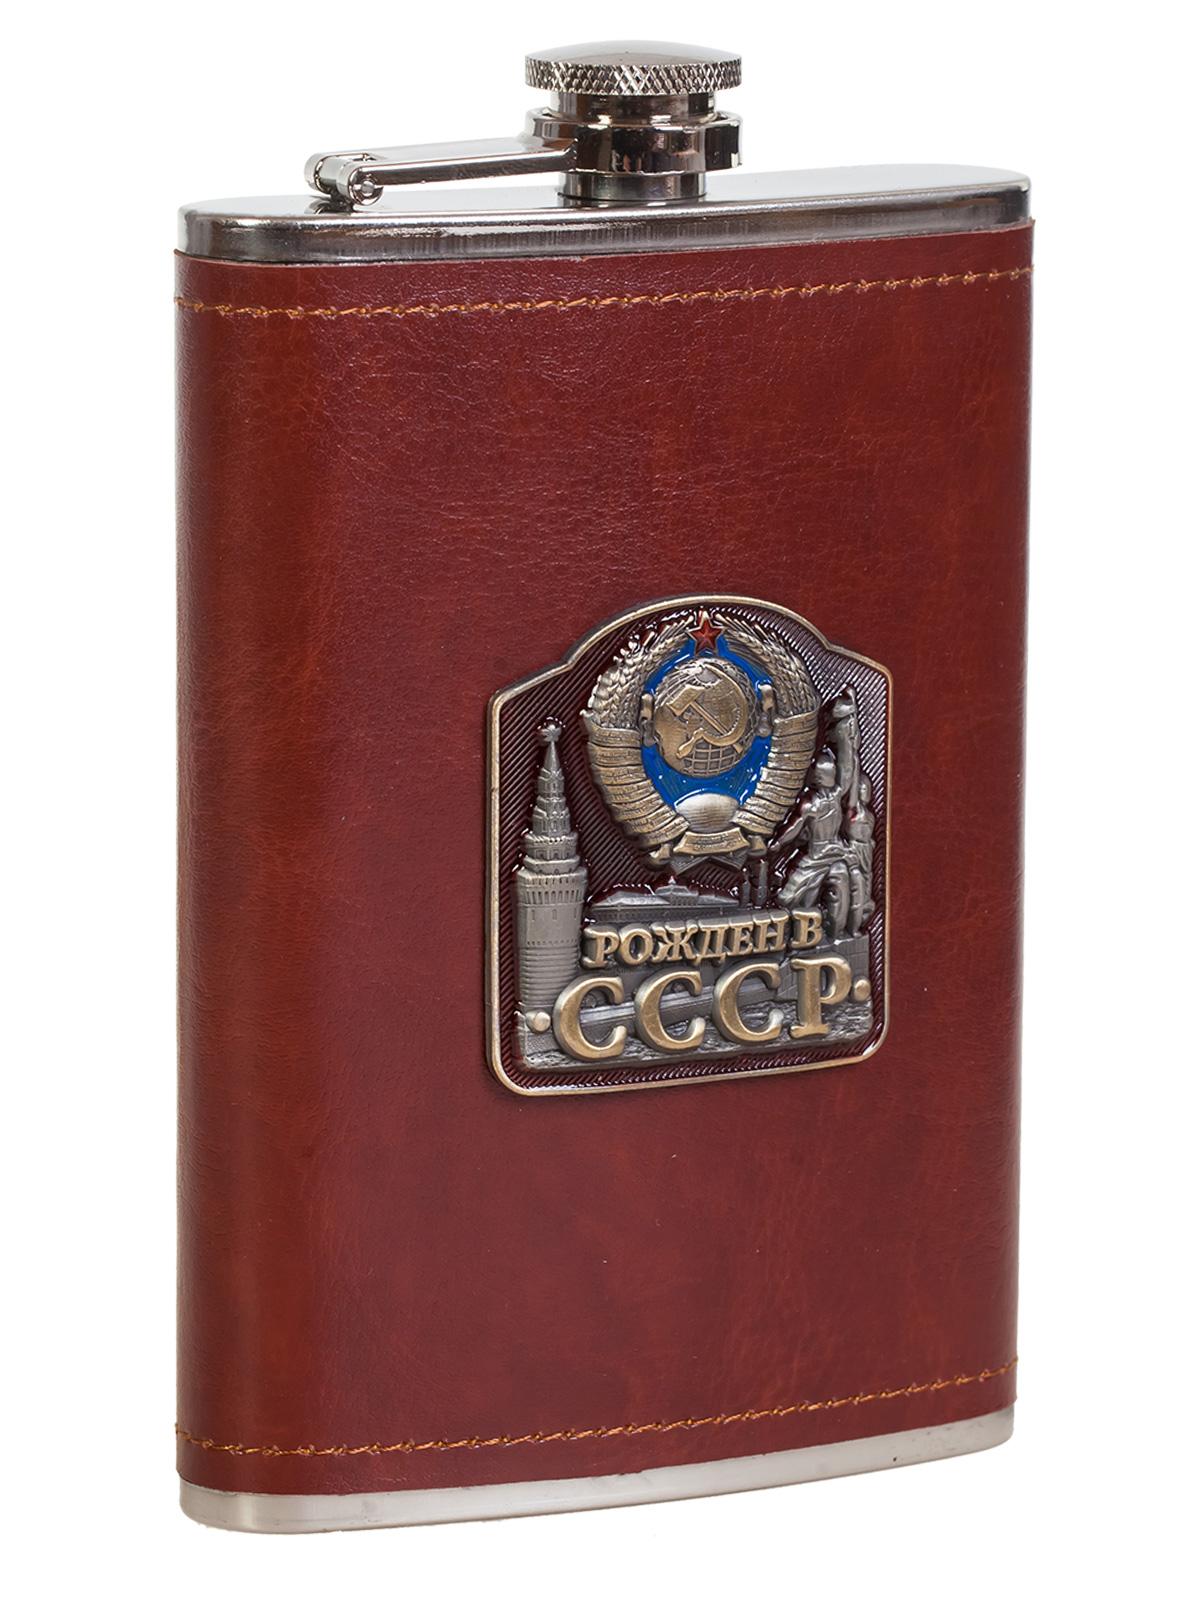 Купить плоскую нержавеющую фляжку в чехле с накладкой Рожден в СССР оптом или в розницу